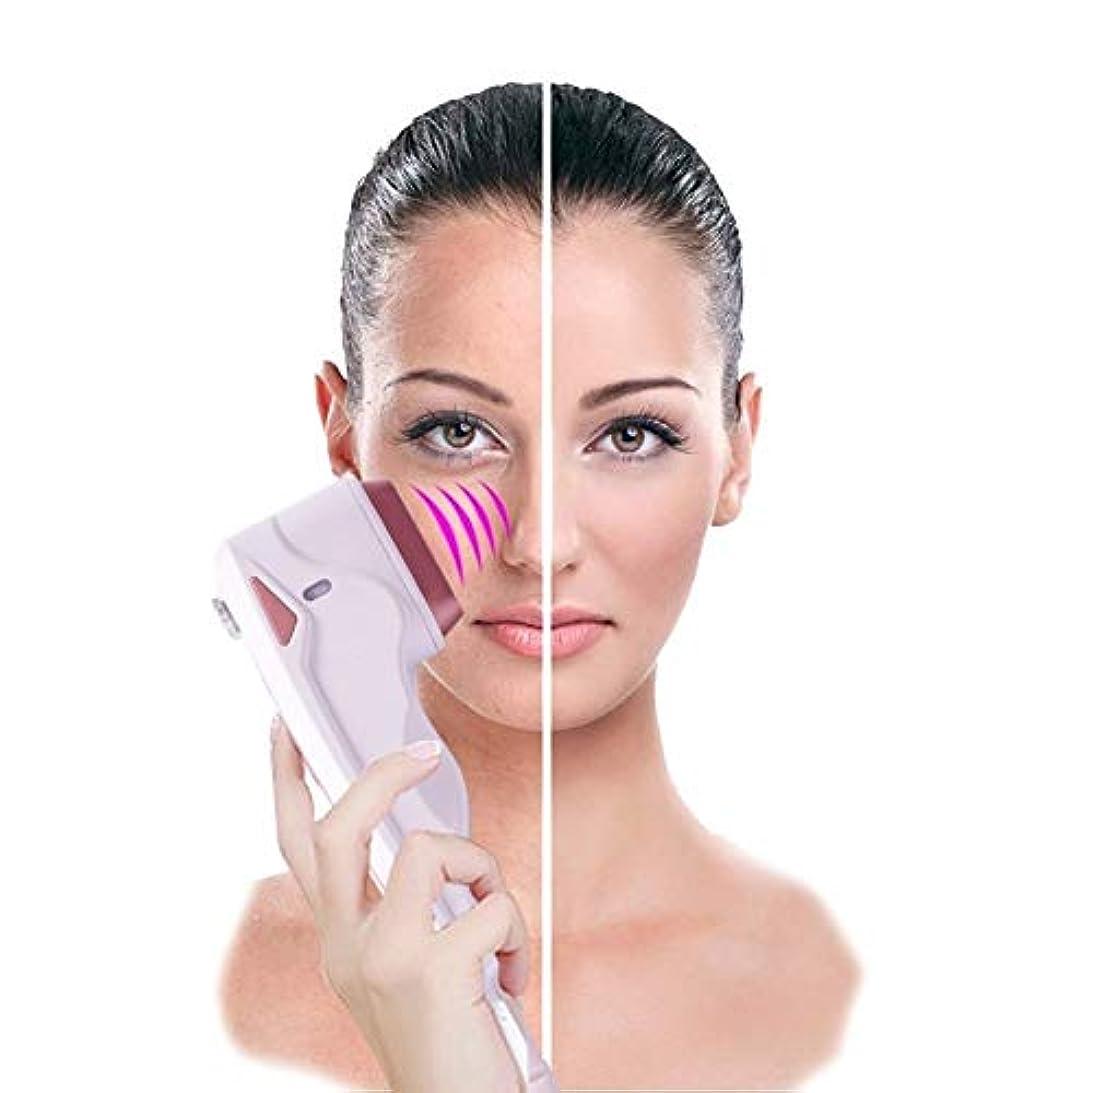 コスチュームアーティキュレーション切り刻む美顔術の持ち上がる機械振動無線周波数のしわは反老化のためのスキンケアの美装置を取り除きます、皮膚のきつく締まるガルバニック微電流の改装機械